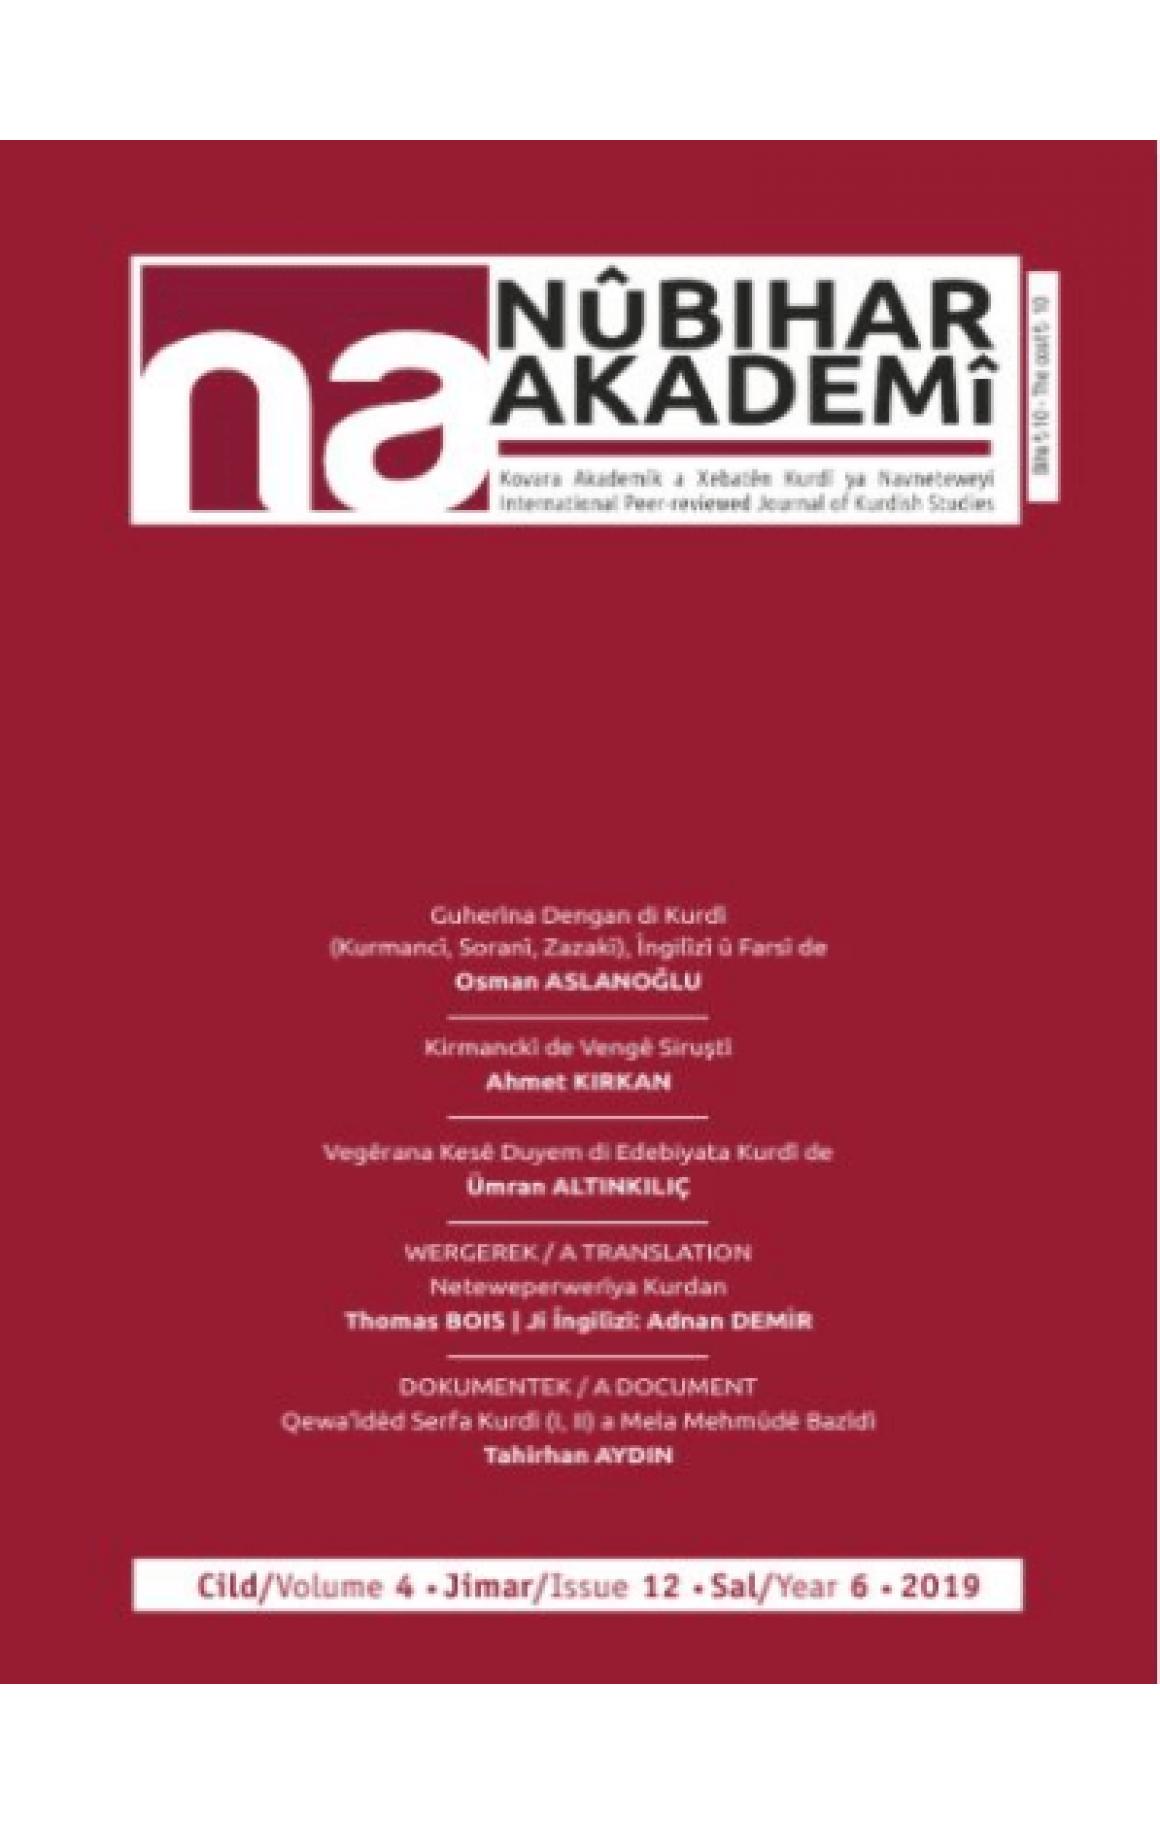 Nûbihar Akademi 12